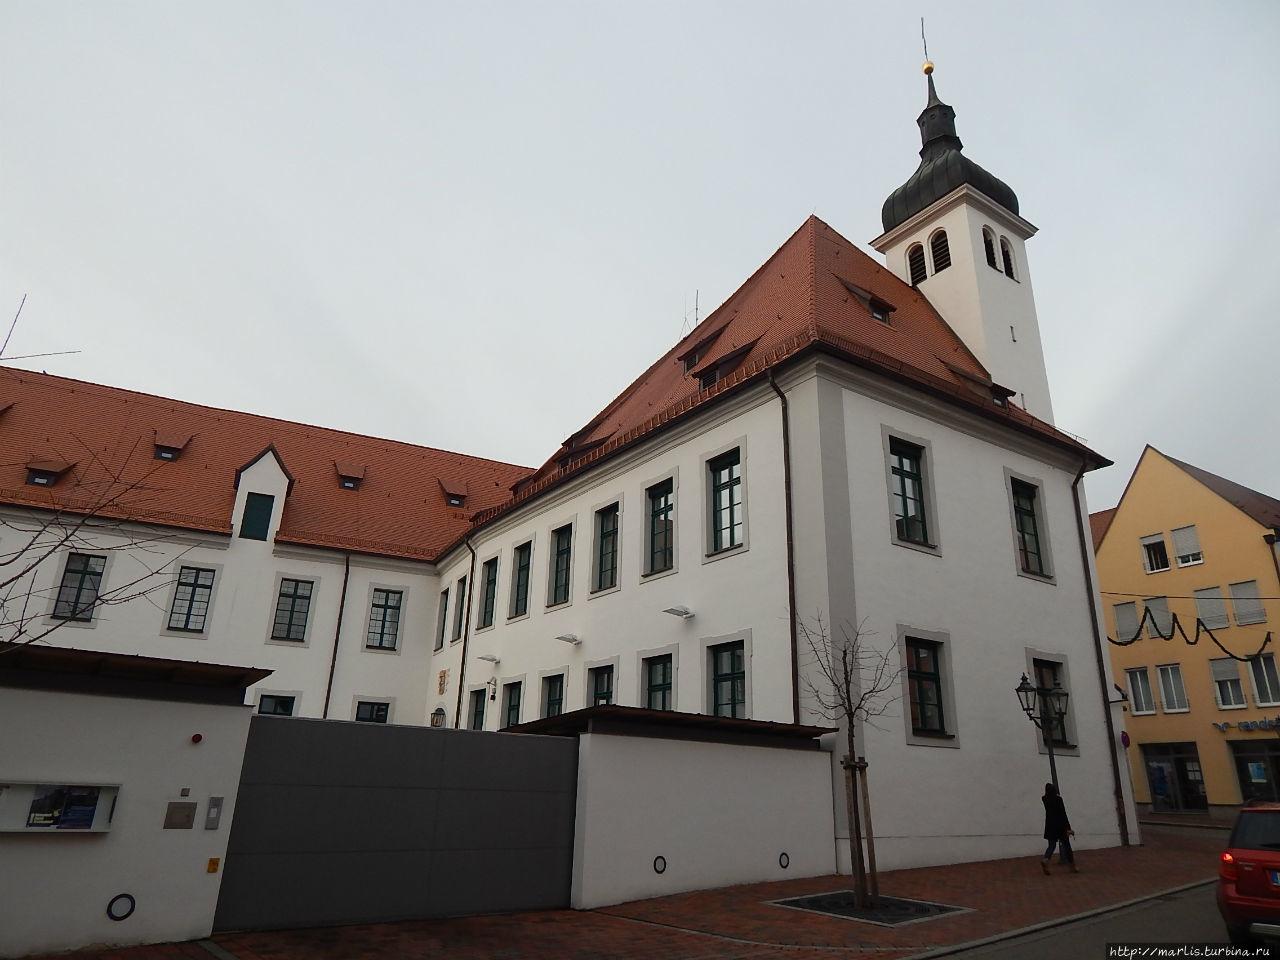 Дом Тевтонского ордена (обьект N6 ) Донаувёрт, Германия